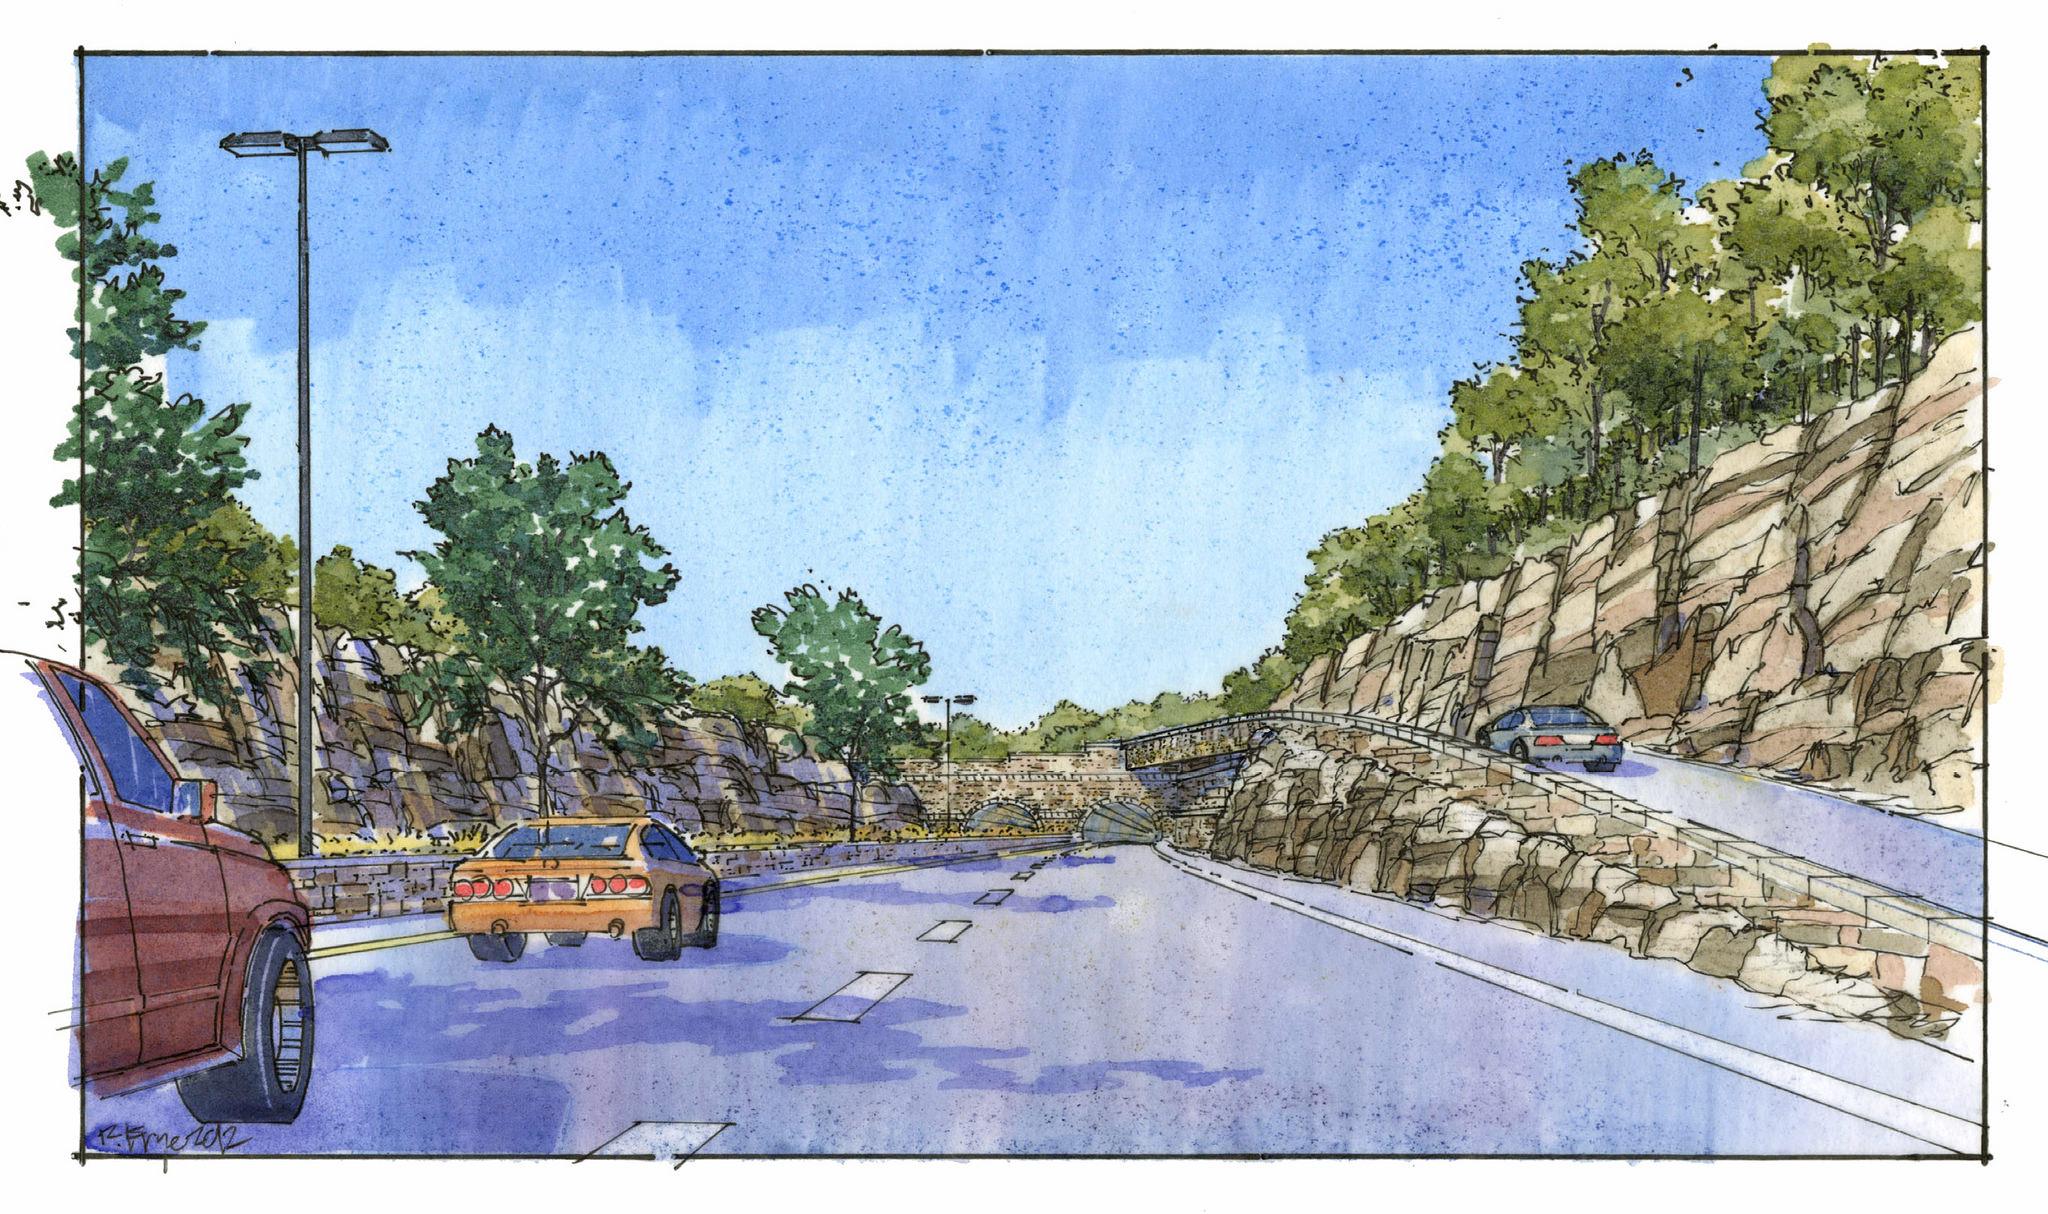 Lewis and Clark BridgeHarrods Creek Tunnel Rendering